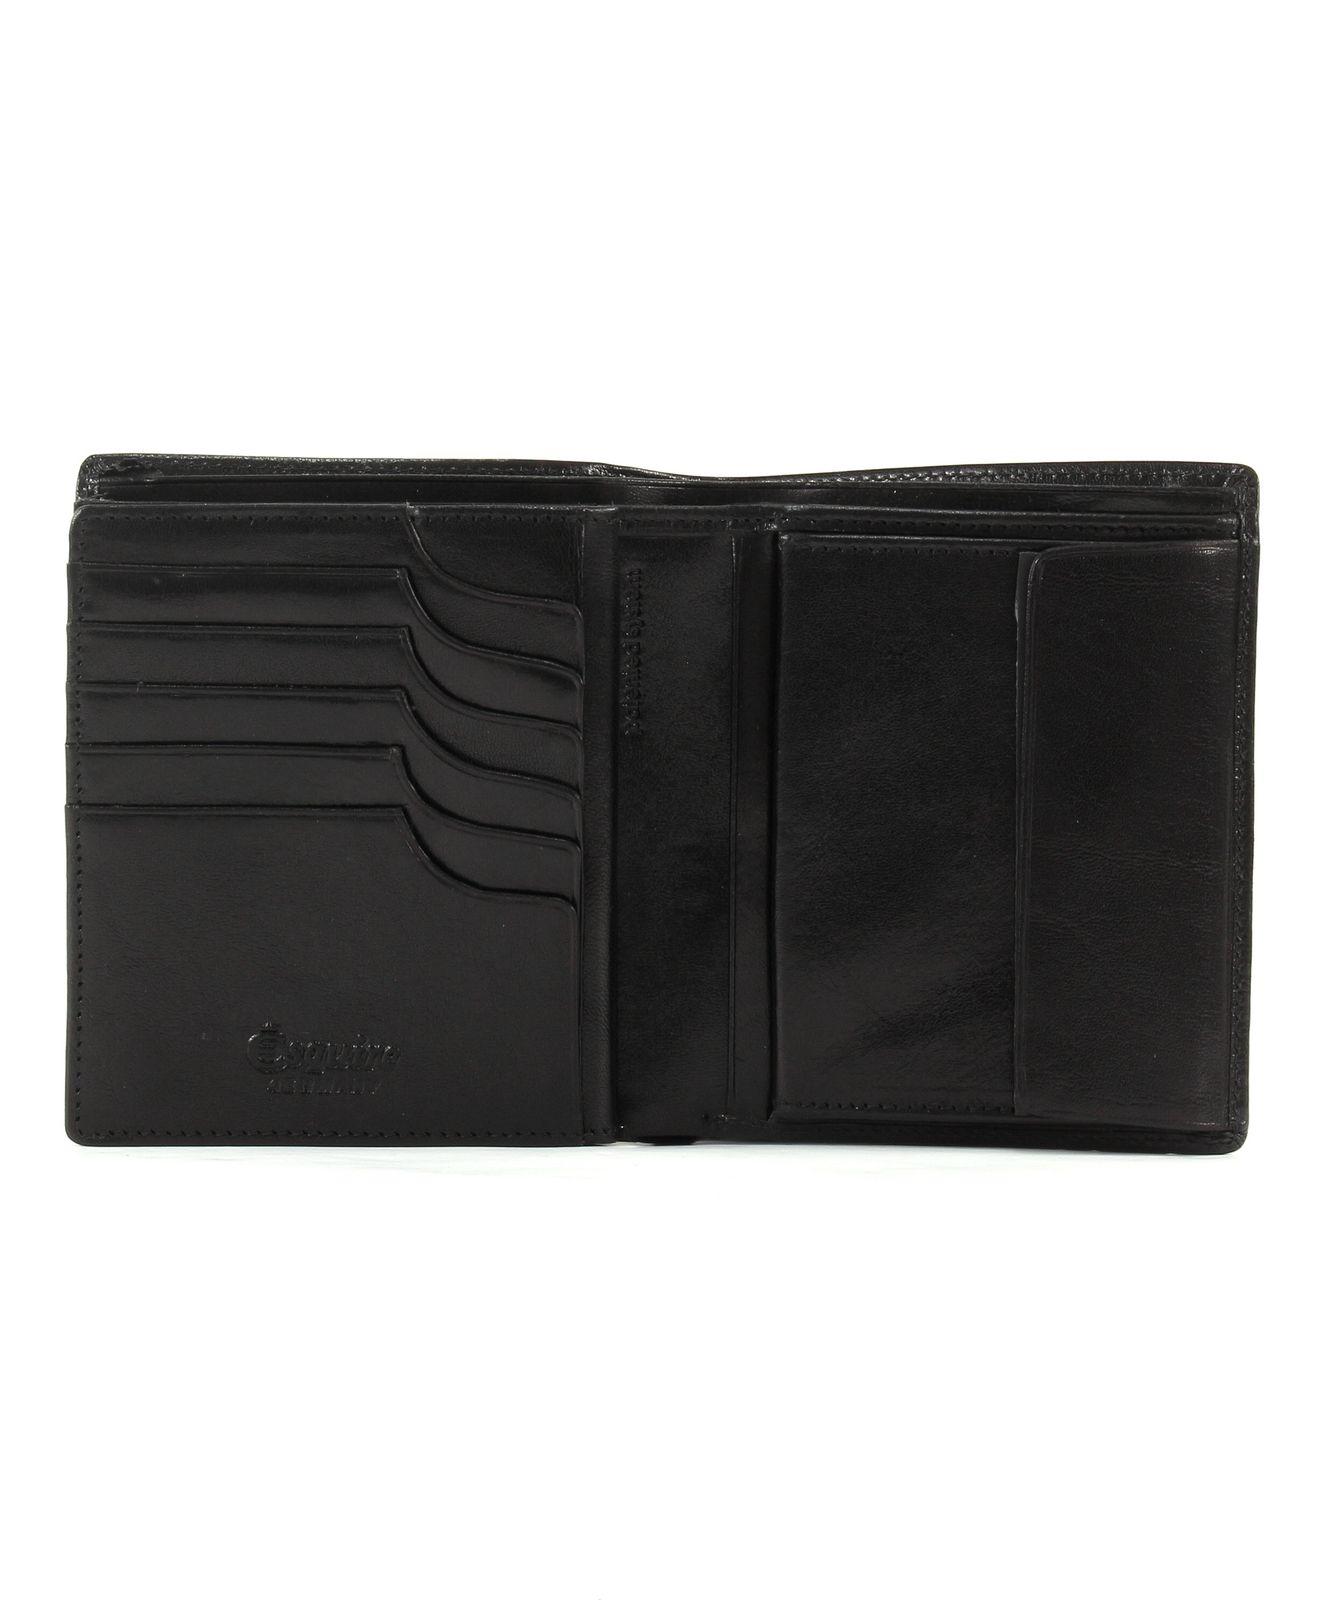 Esquire Toscana Hochformatbörse mit CardSafe Schwarz